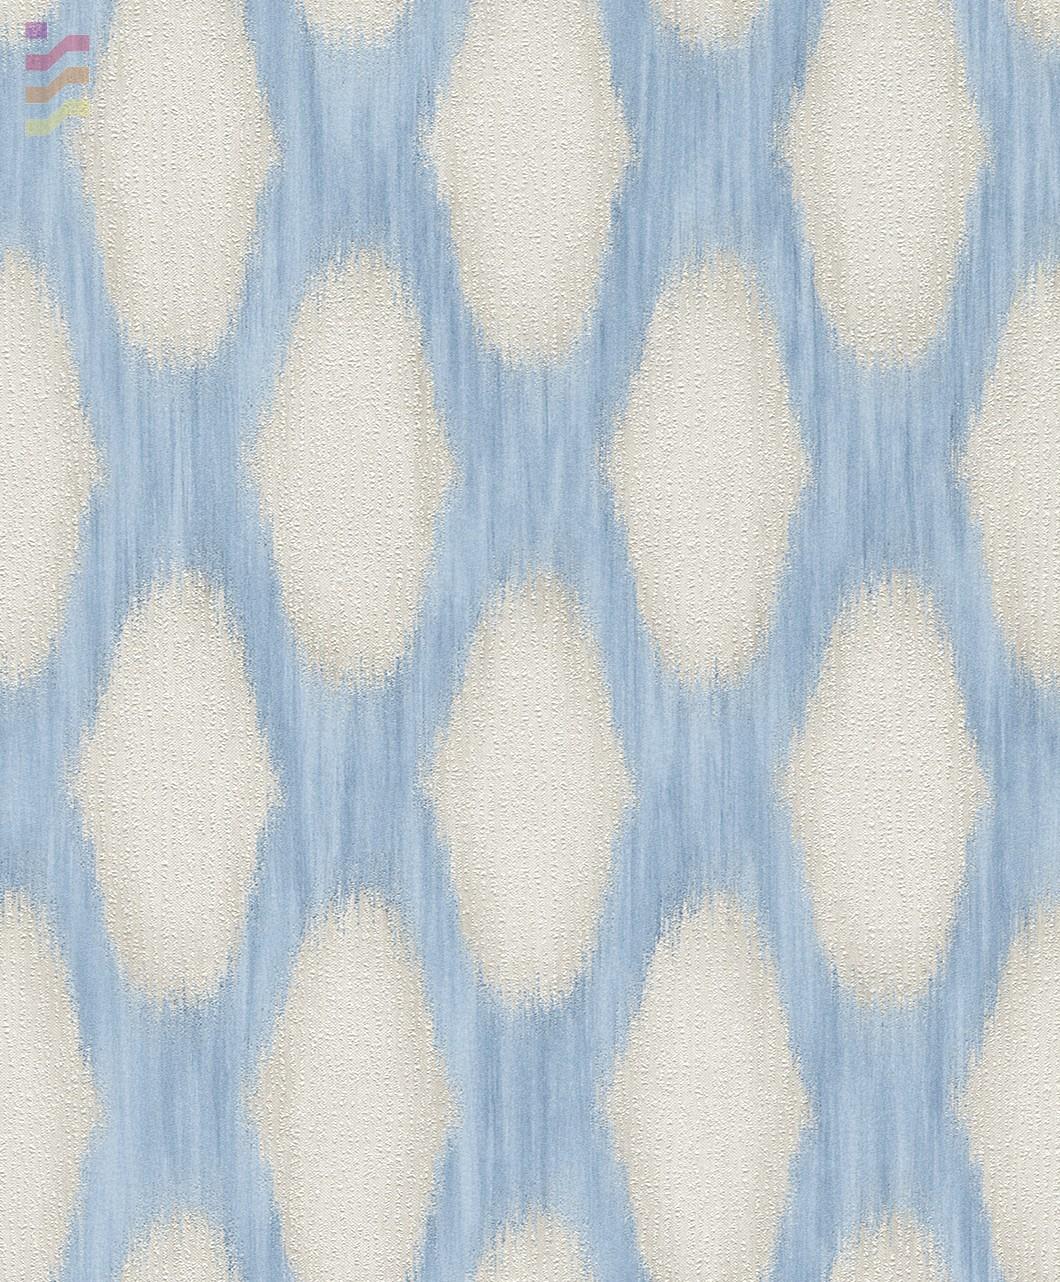 tapeta do sypialni niebiesko biała